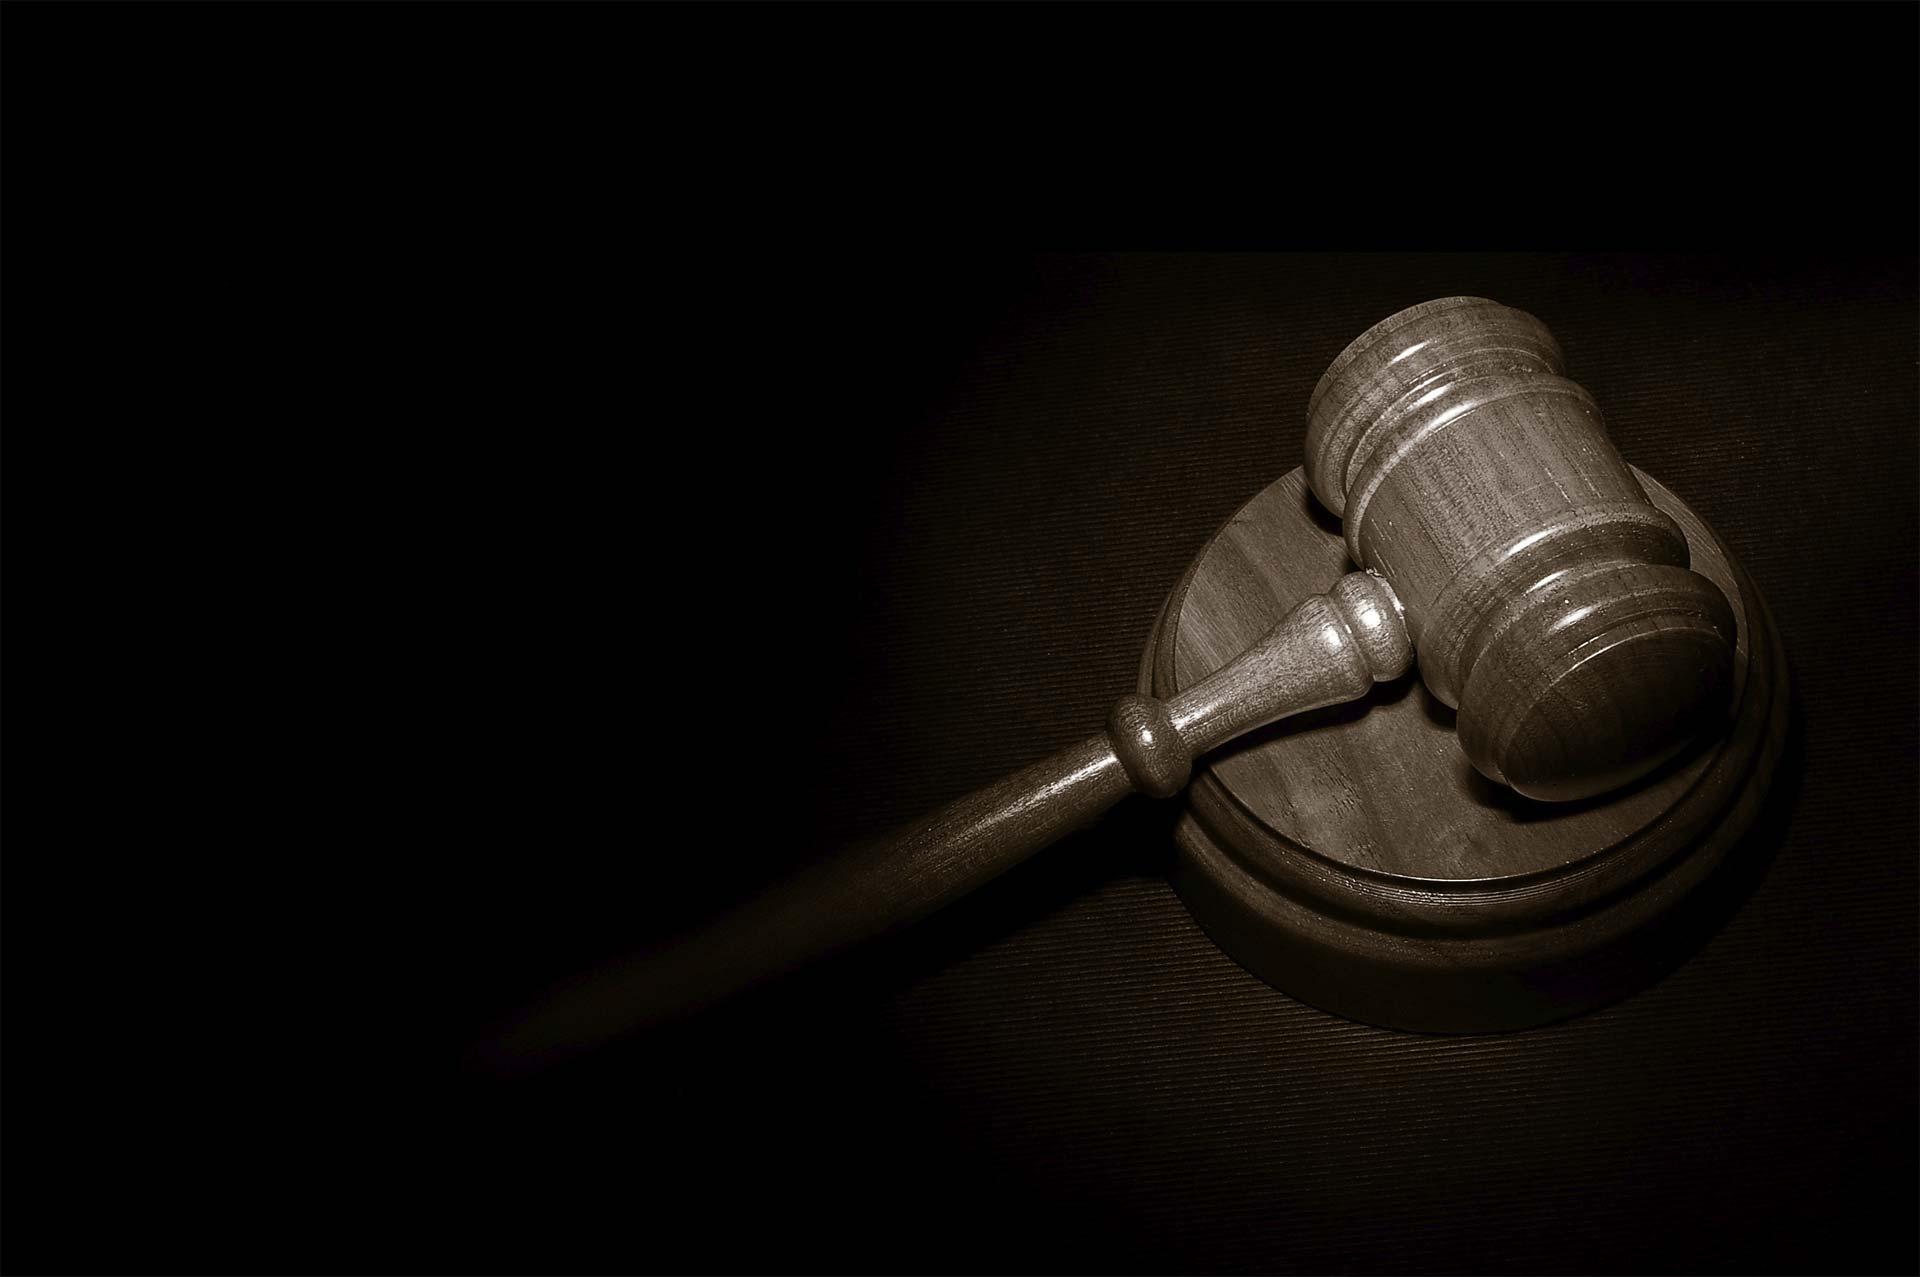 Se aprobó una reforma al derecho penal referida a los delitos sexuales en Alemania